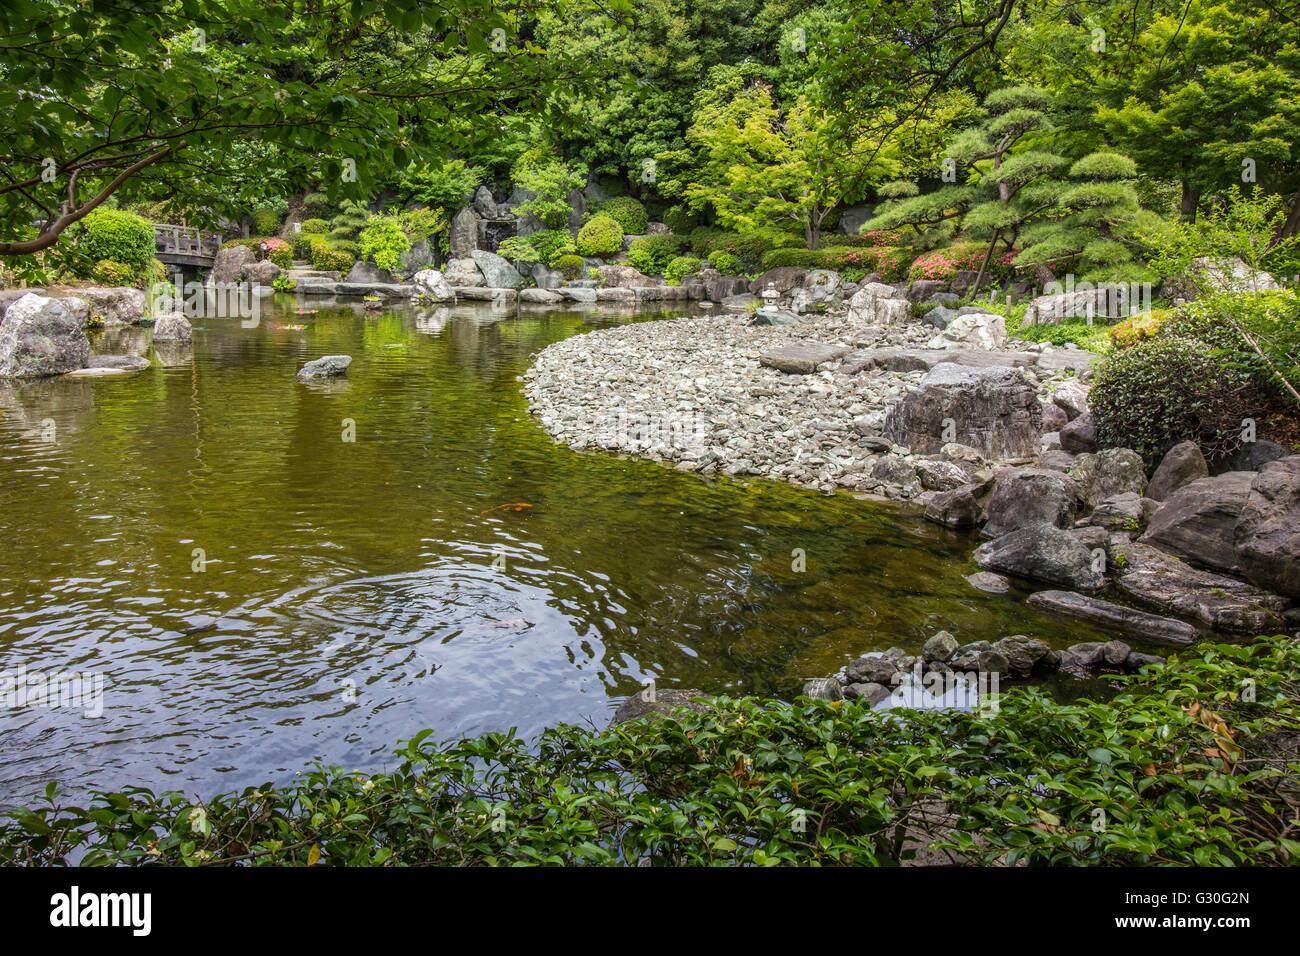 Koi-Teich im Hanahata Garden - Hanahata Garten ist ein japanischer Gemeinschaftsgarten in Adachi-Ku-Tokio. Stockbild